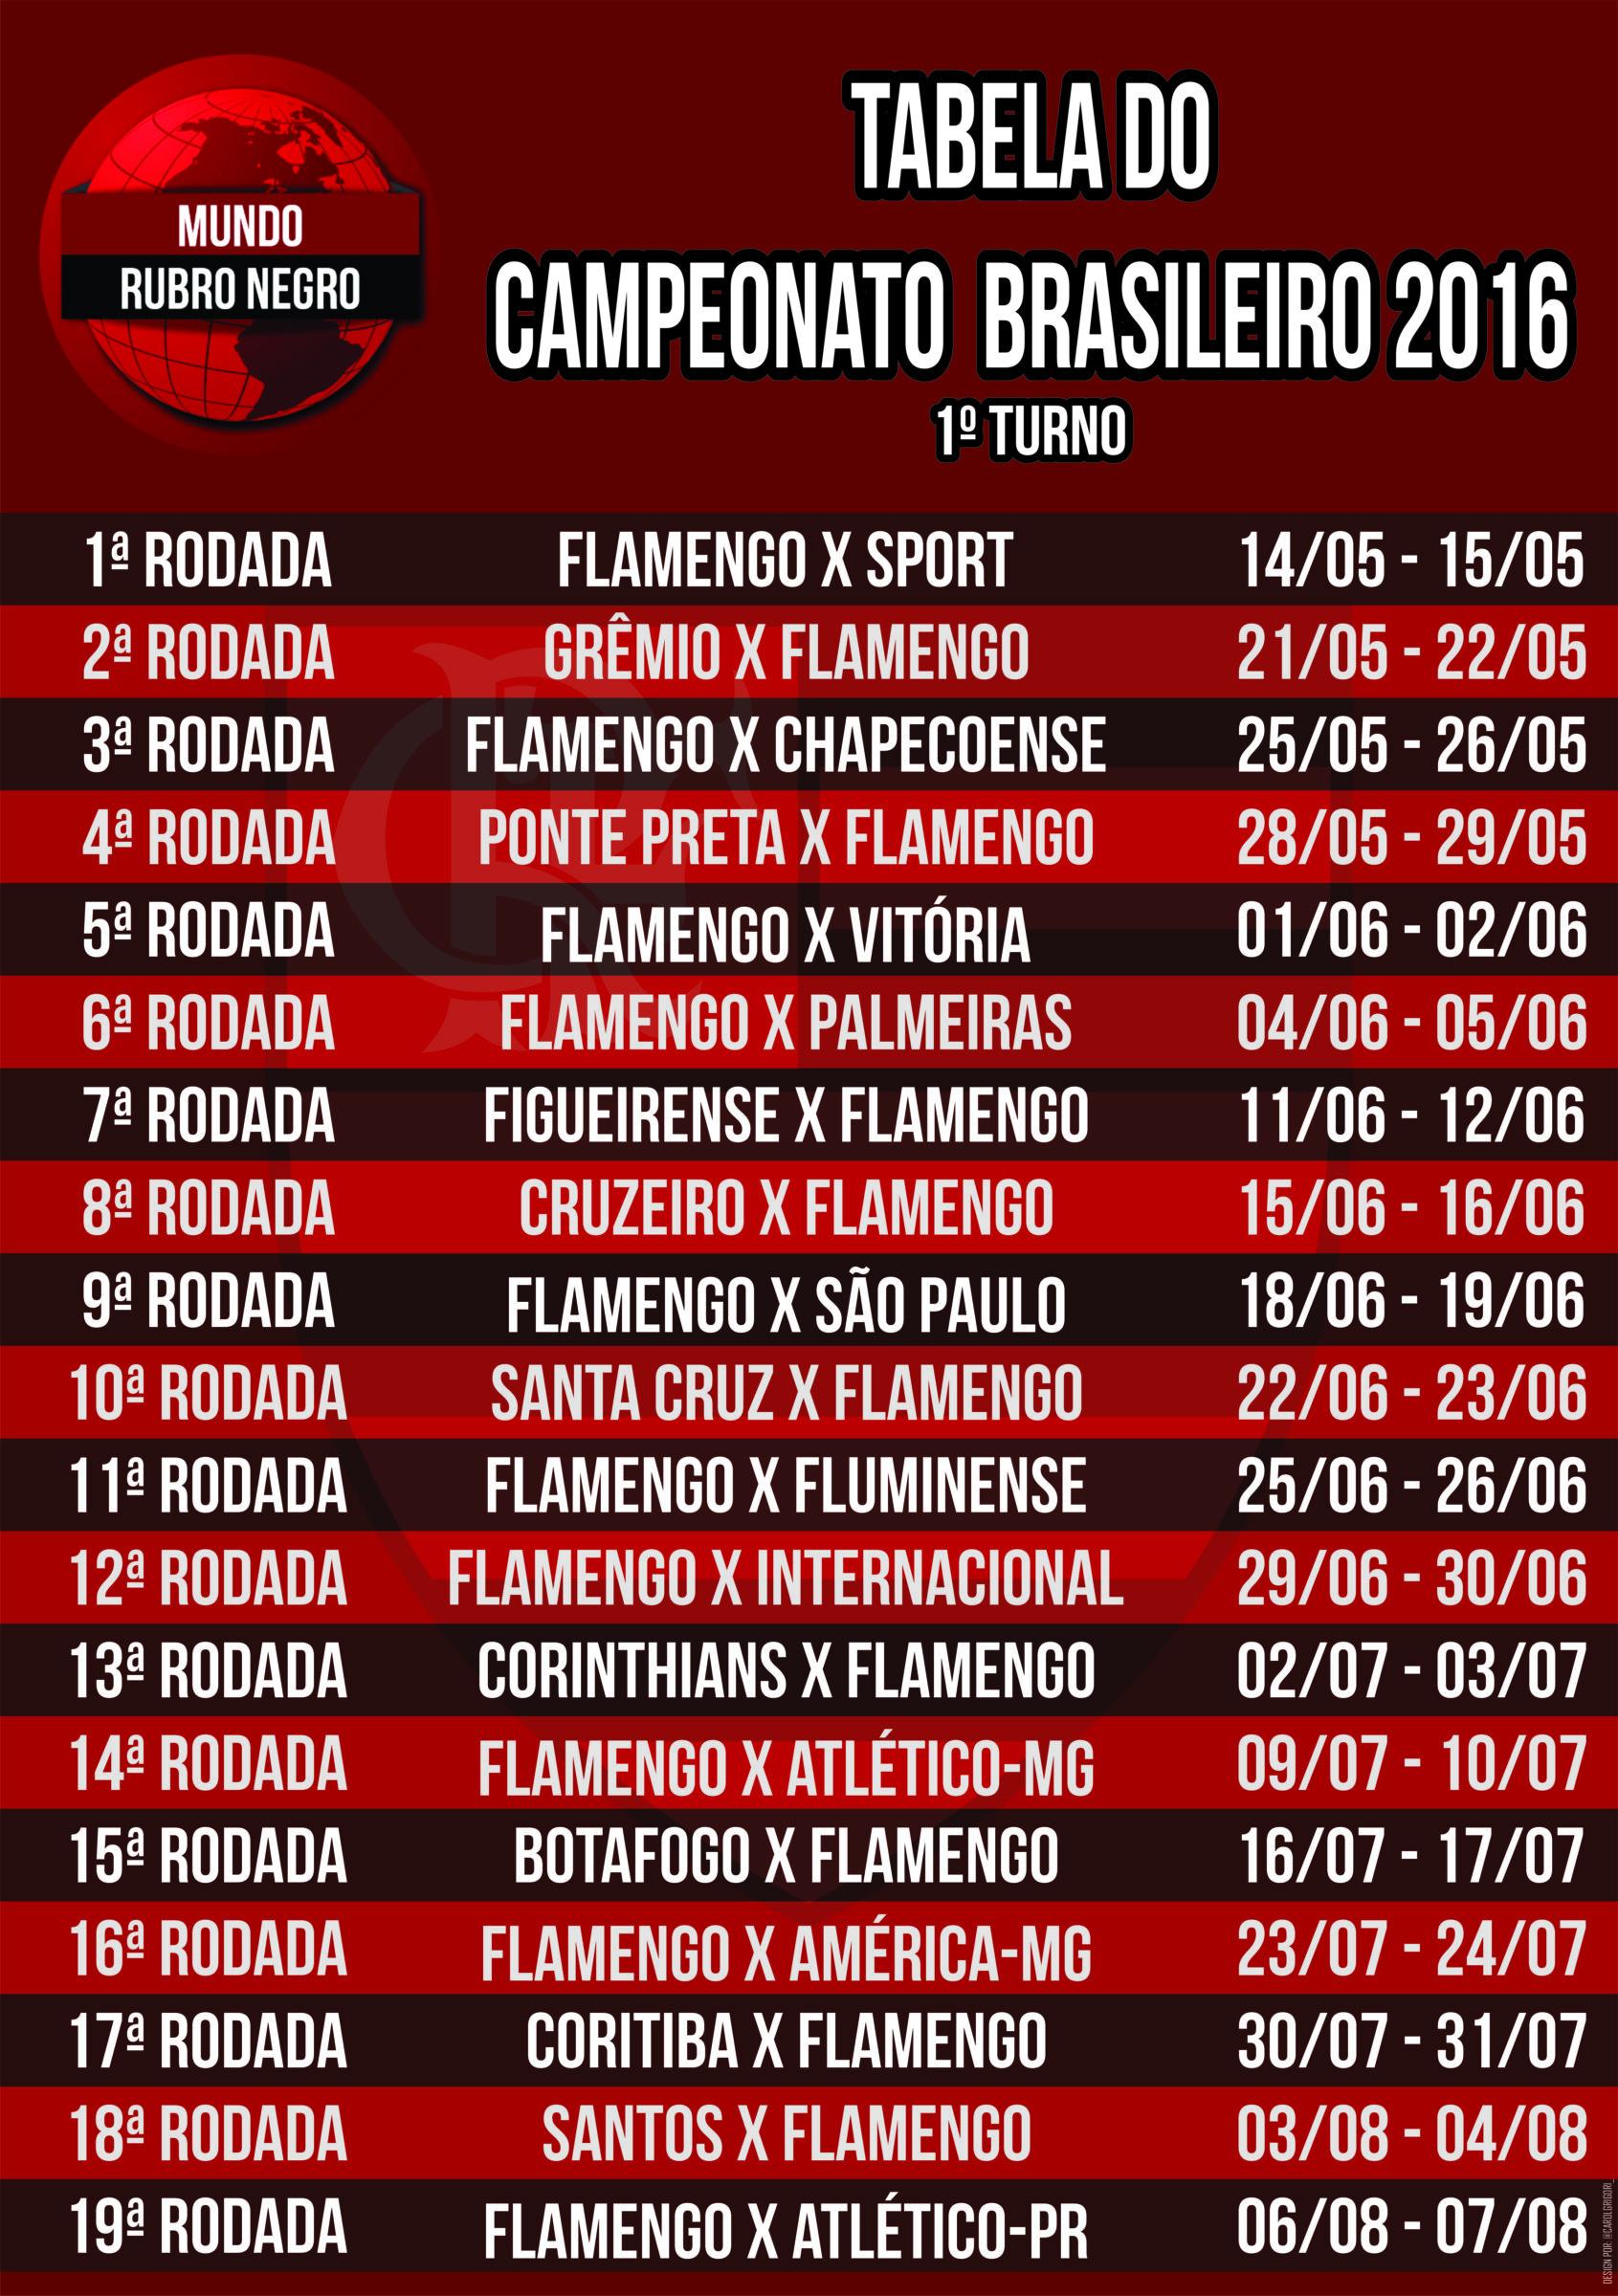 Confira A Tabela Do Campeonato Brasileiro 2016